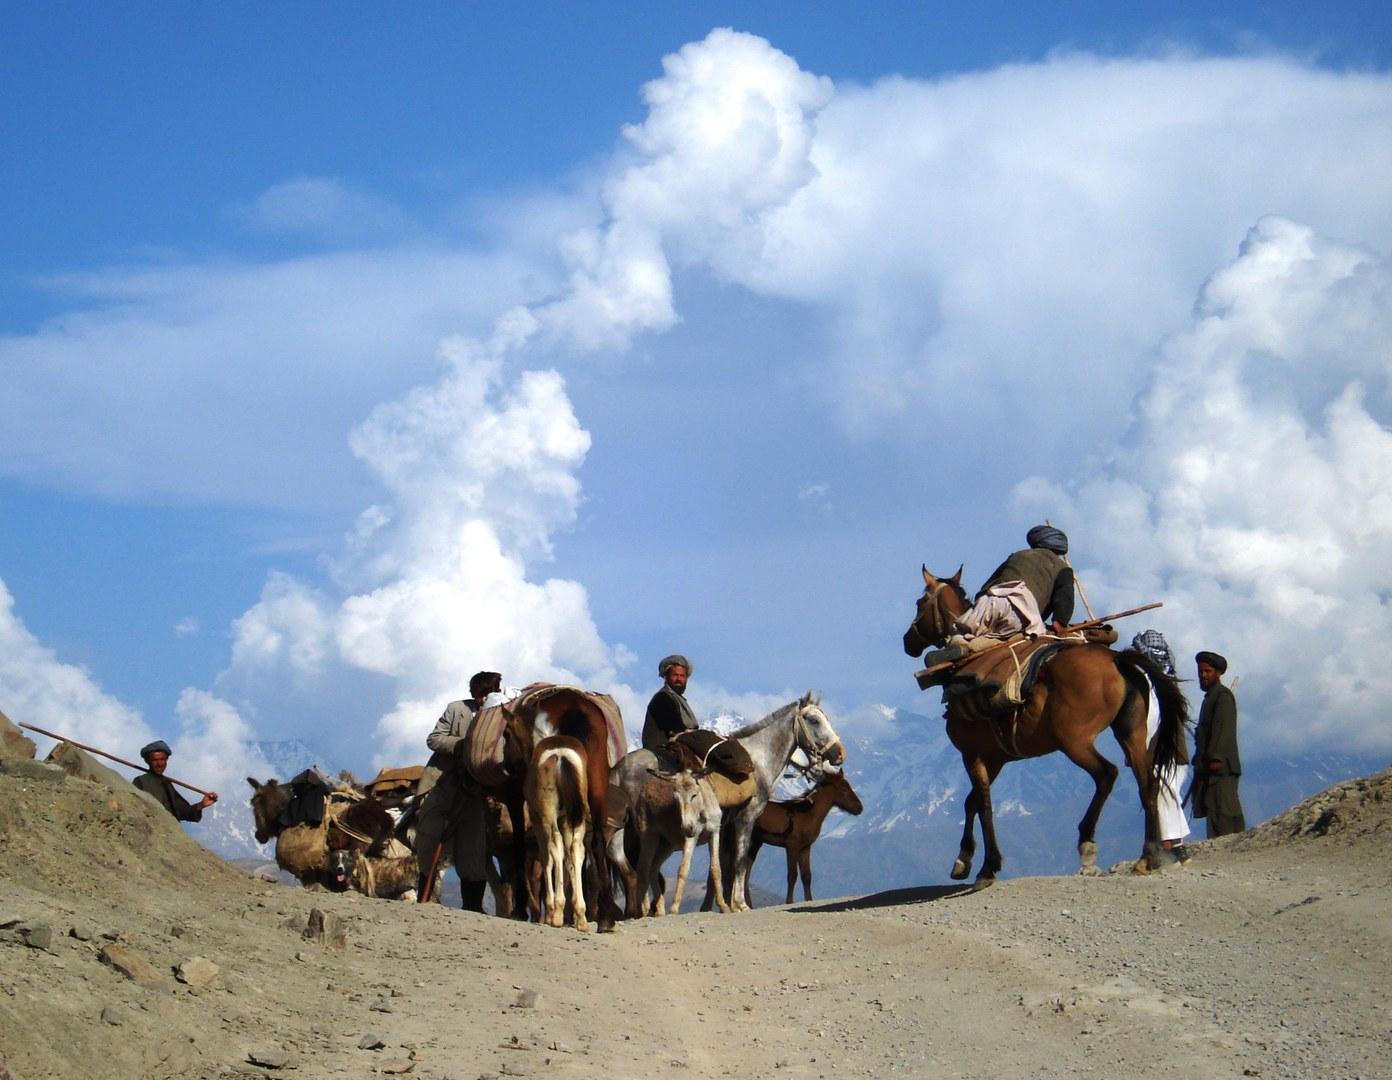 Szene aus Afghanistan: